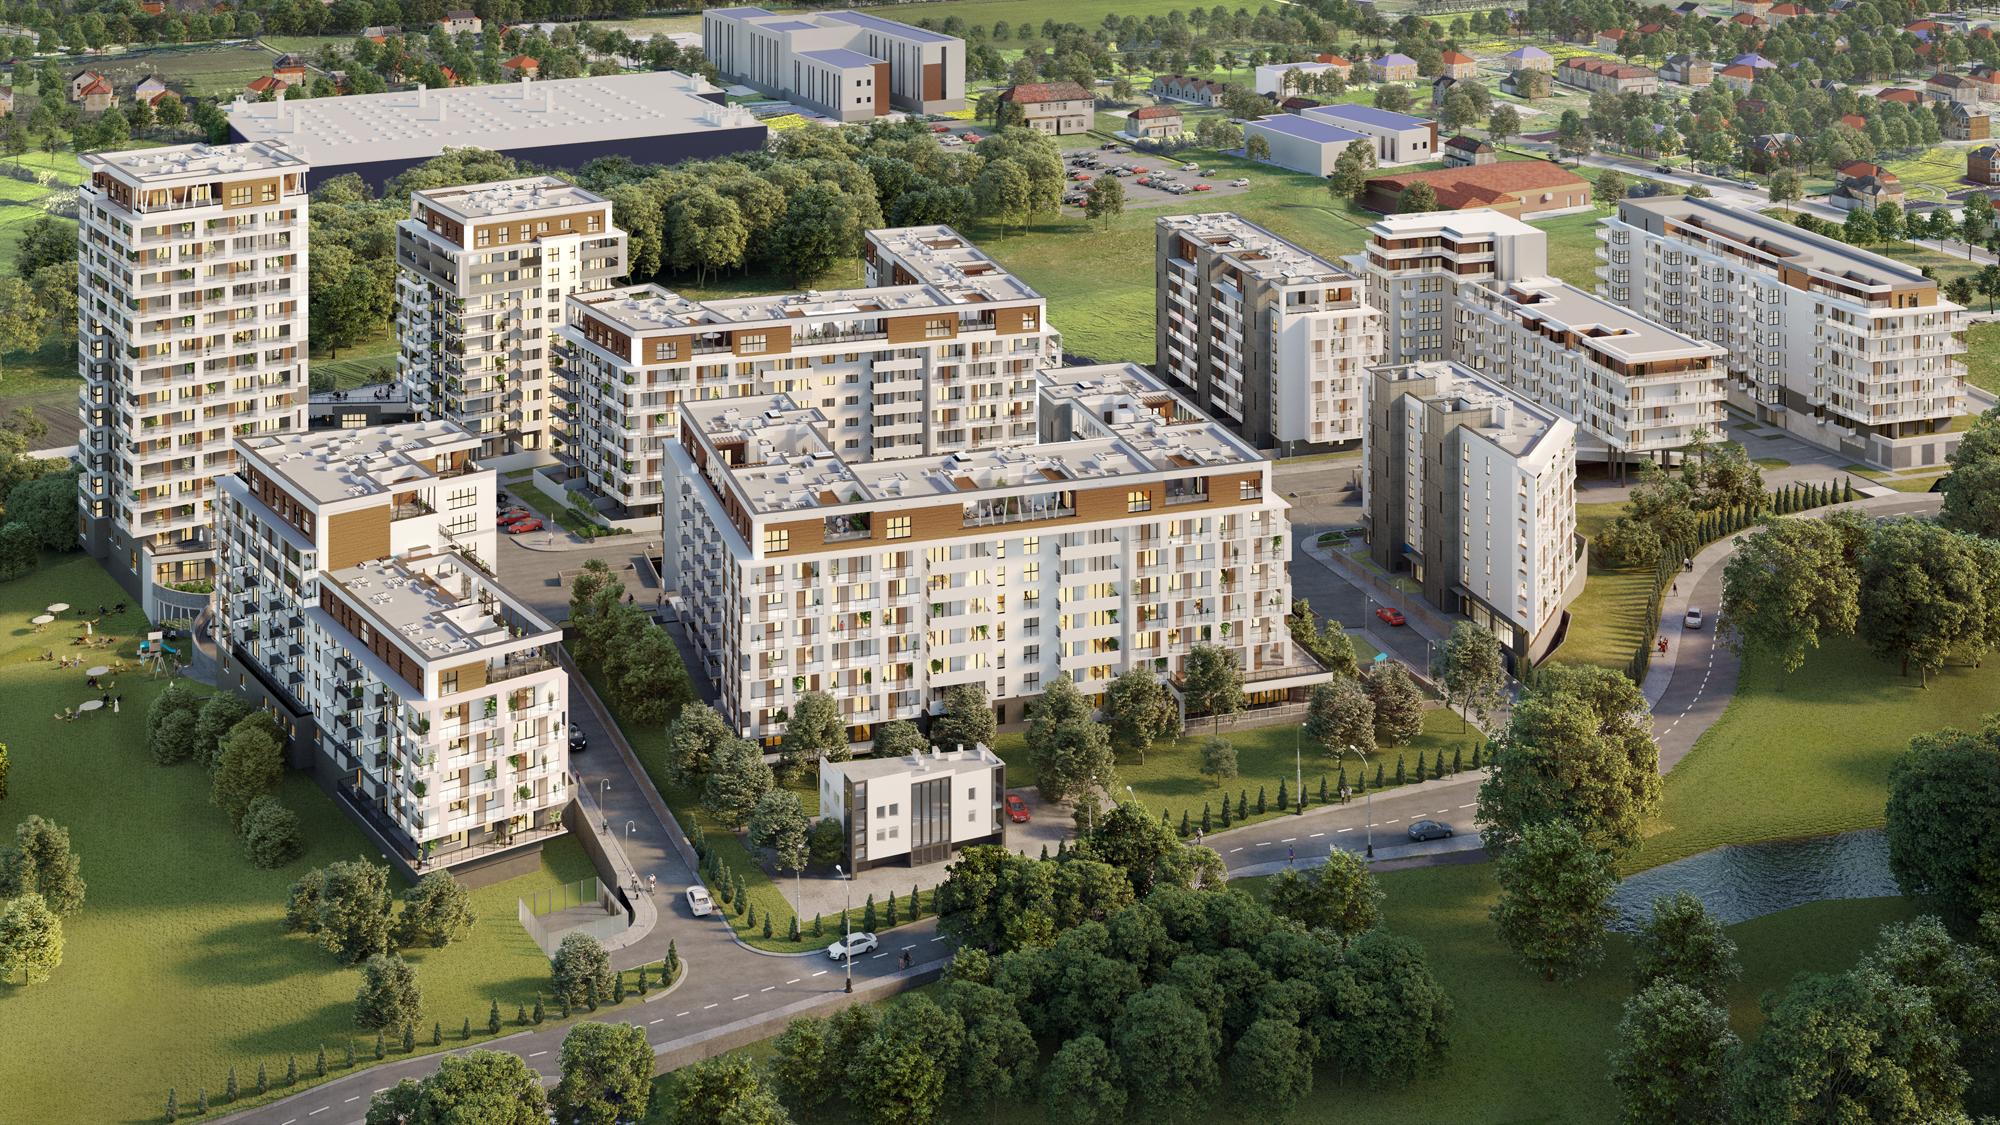 wizualizacje architektoniczne dzielnica parkowa (1).jpg